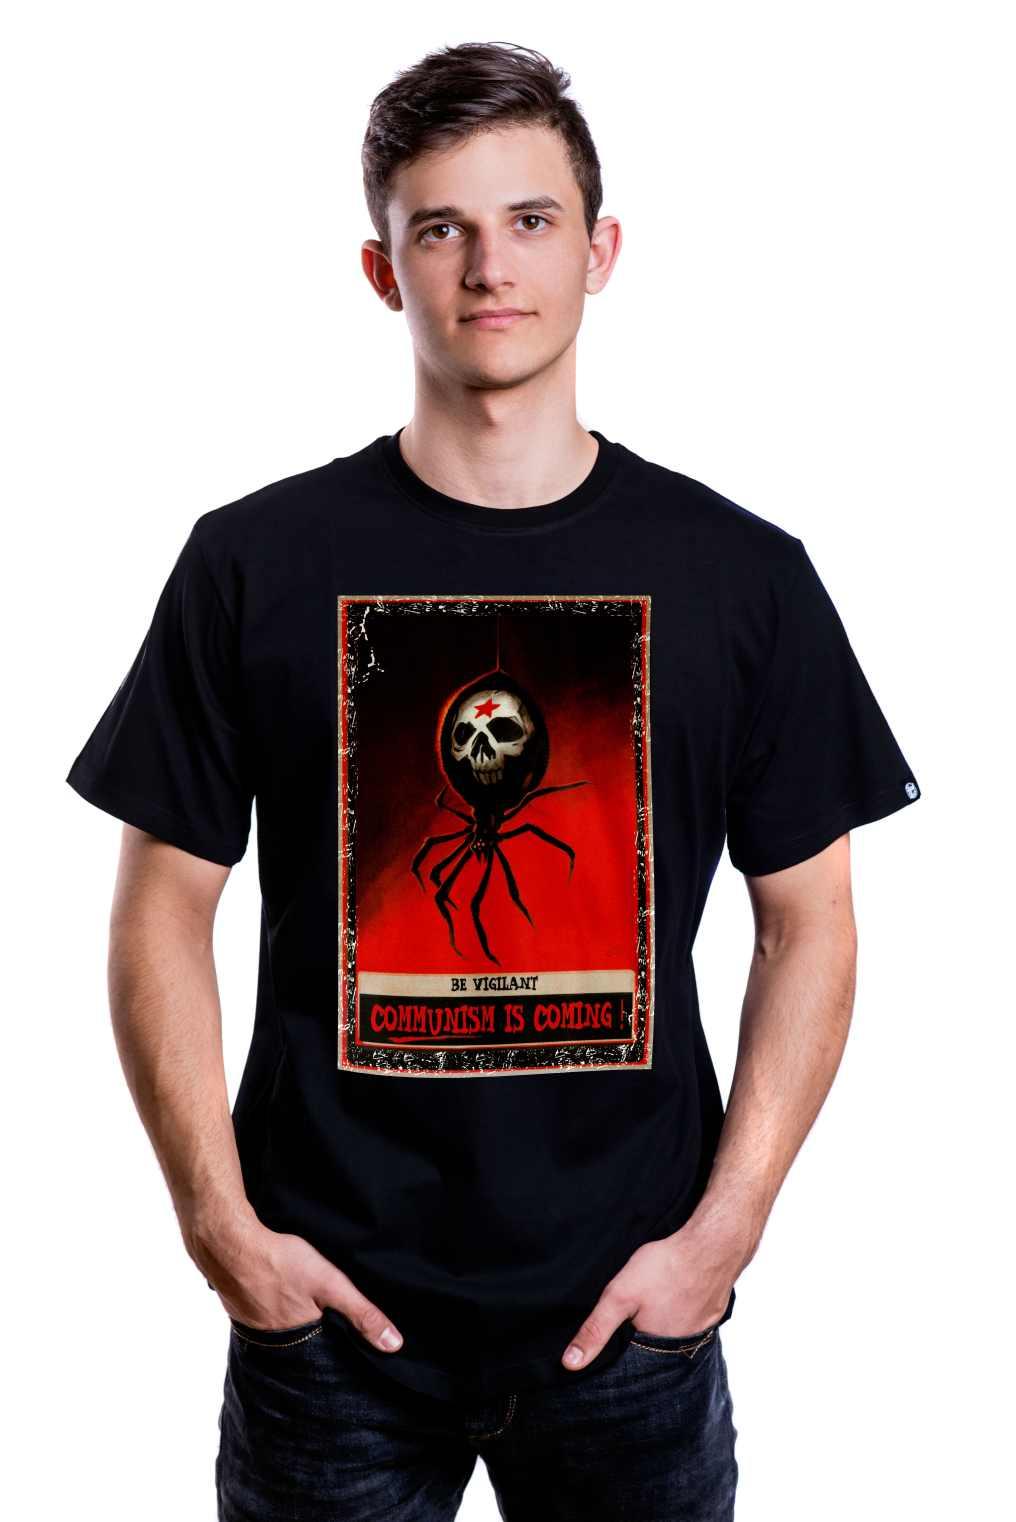 Fallout Propaganda T-shirt S